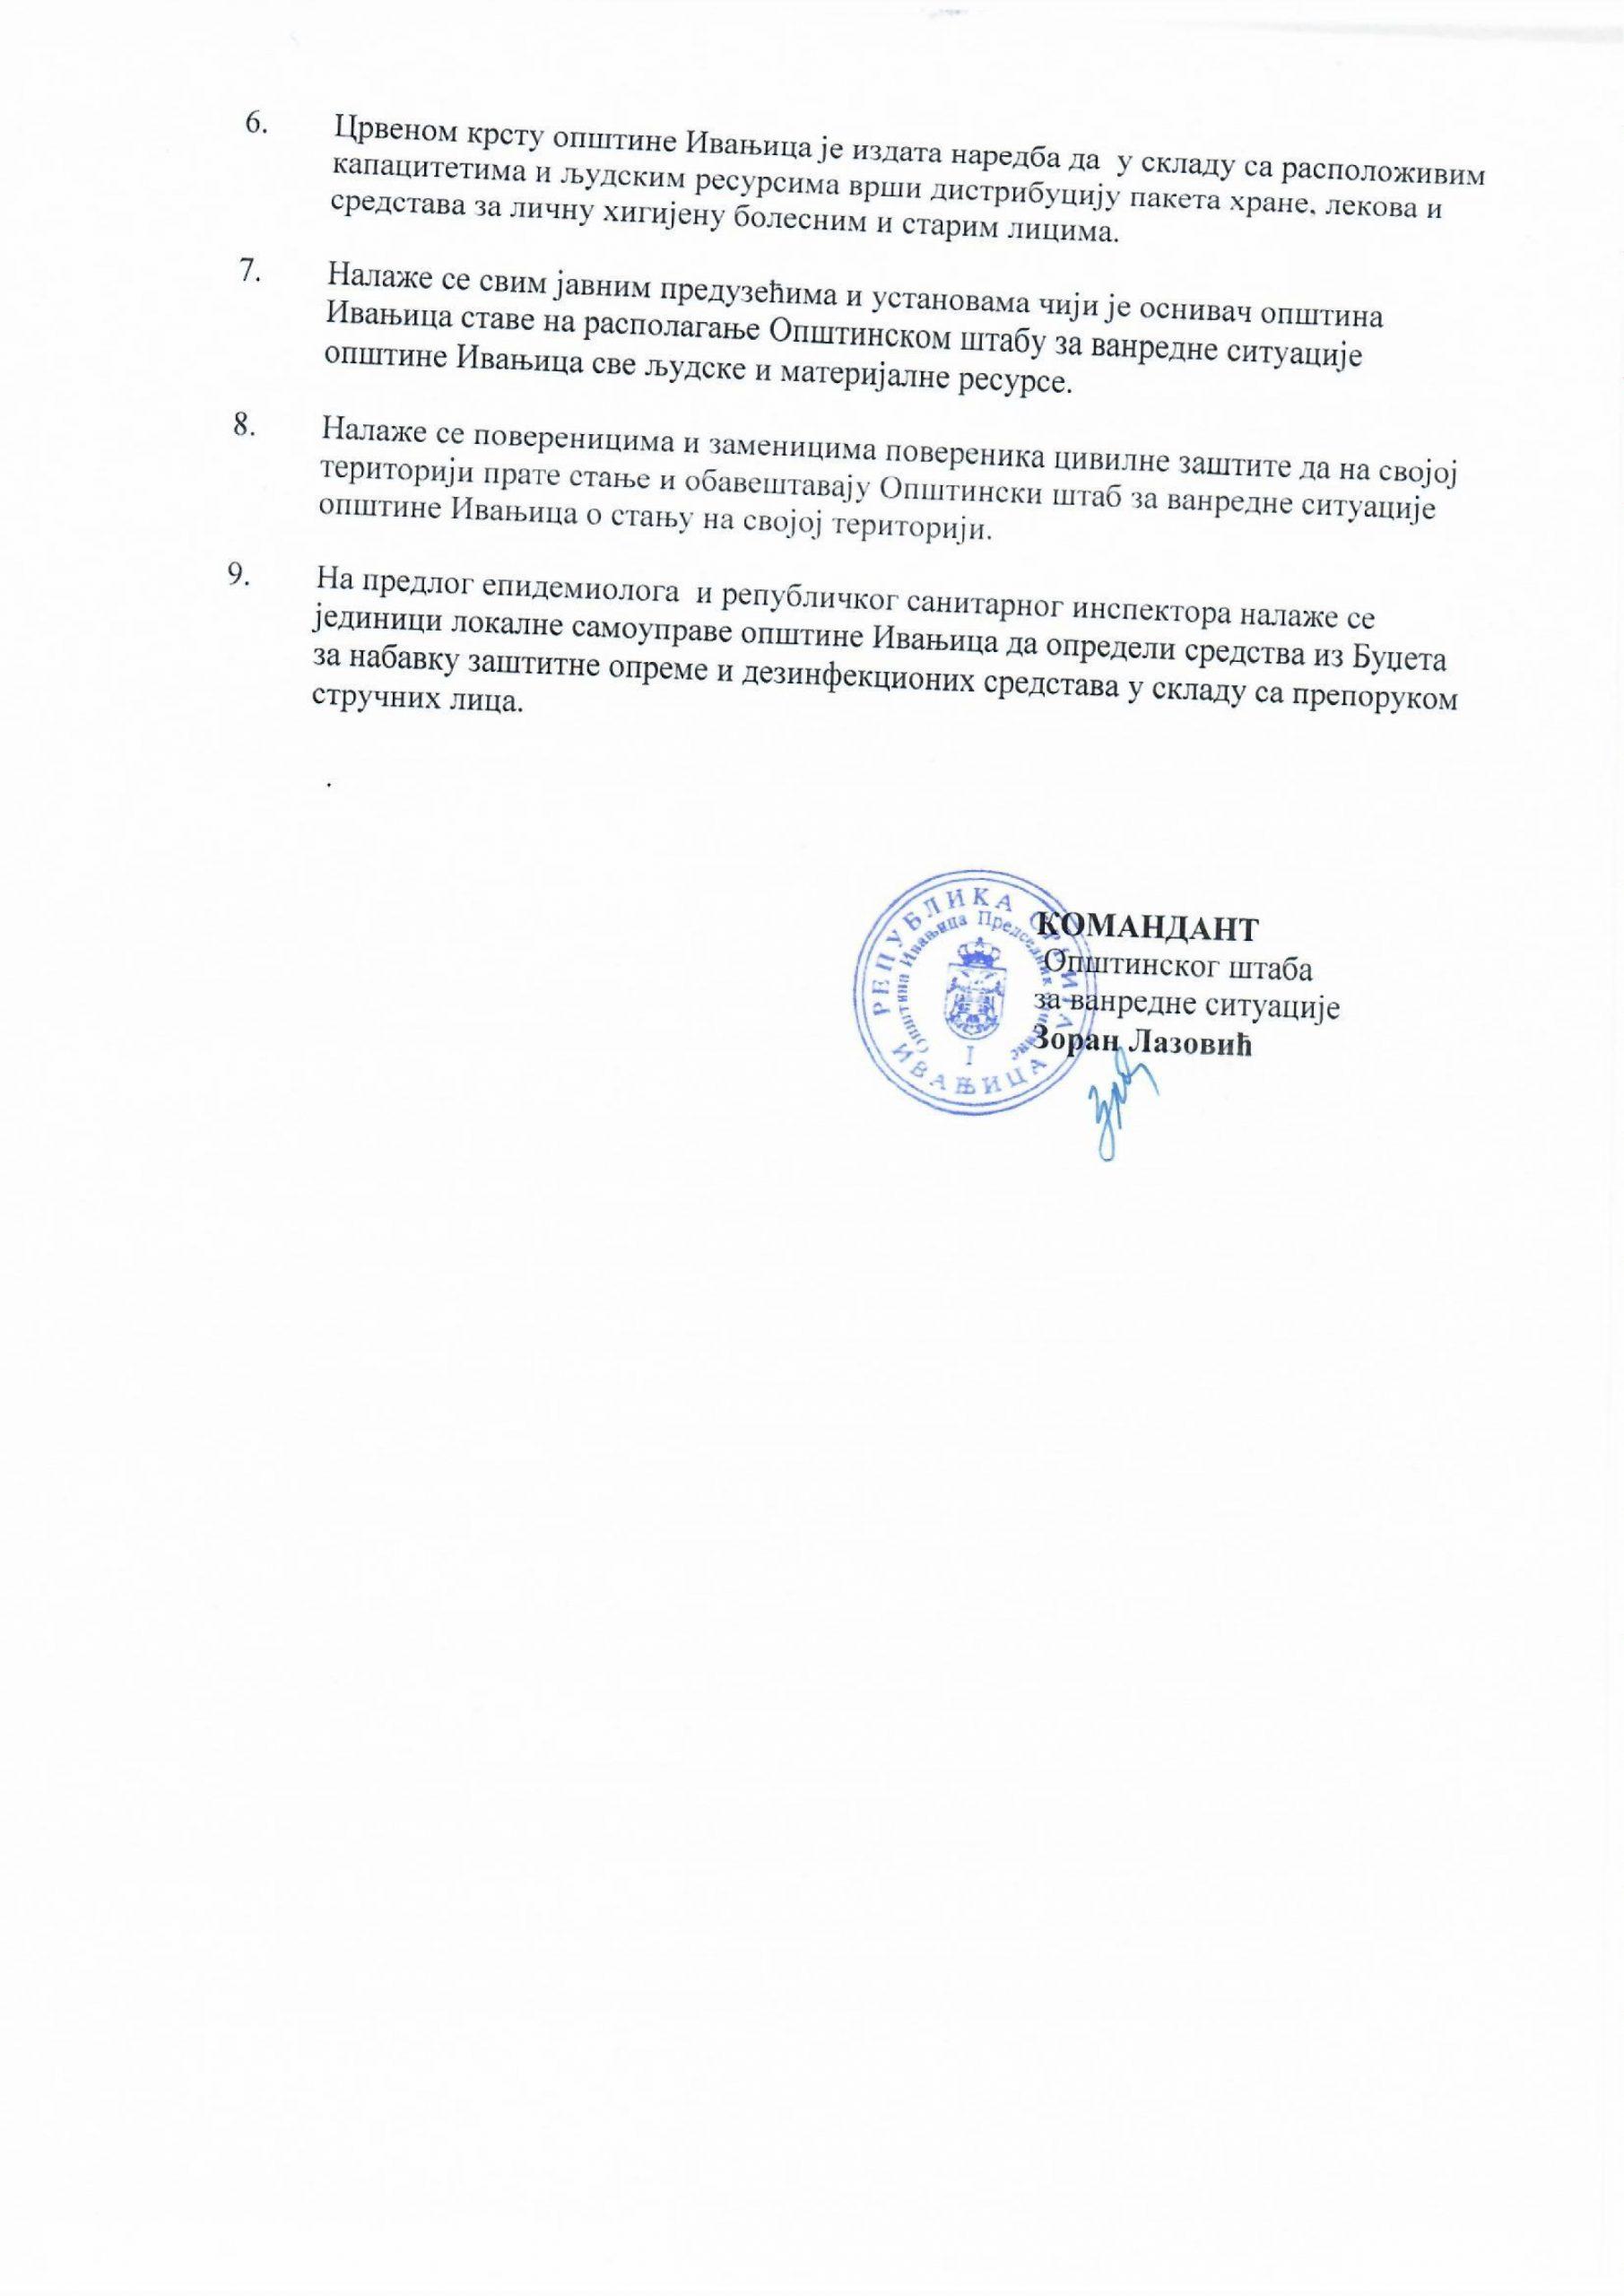 2-Zaključci-Štaba-od-16.03.2020.godine-2-scaled Odluke Štaba za vanredne situacije opštine Ivanjica